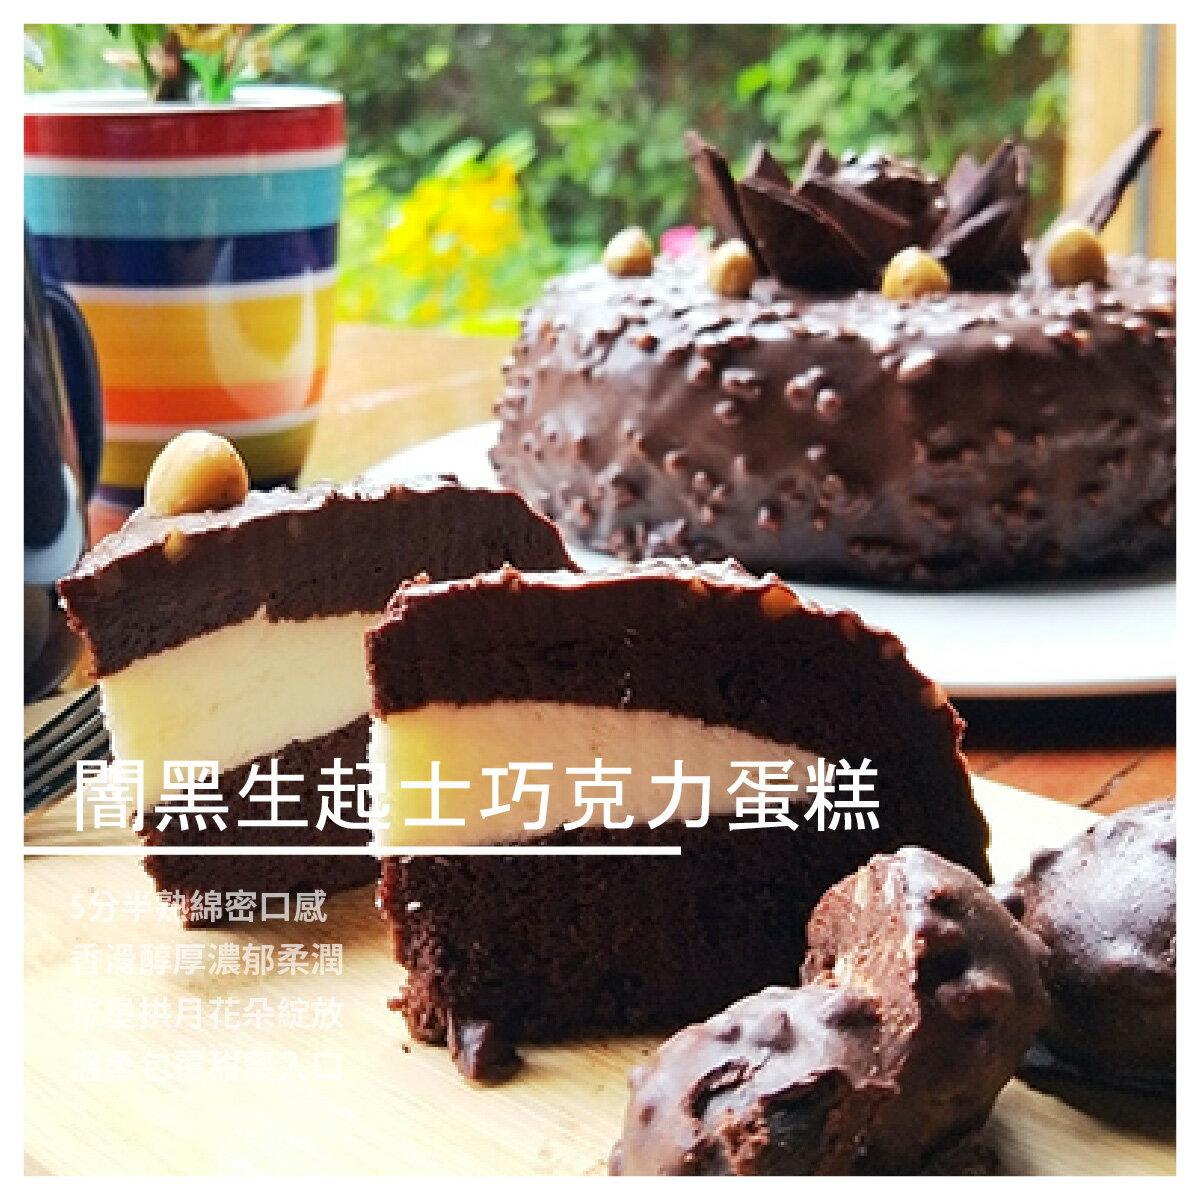 【達克闇黑工場】闇黑生起士巧克力蛋糕/7吋